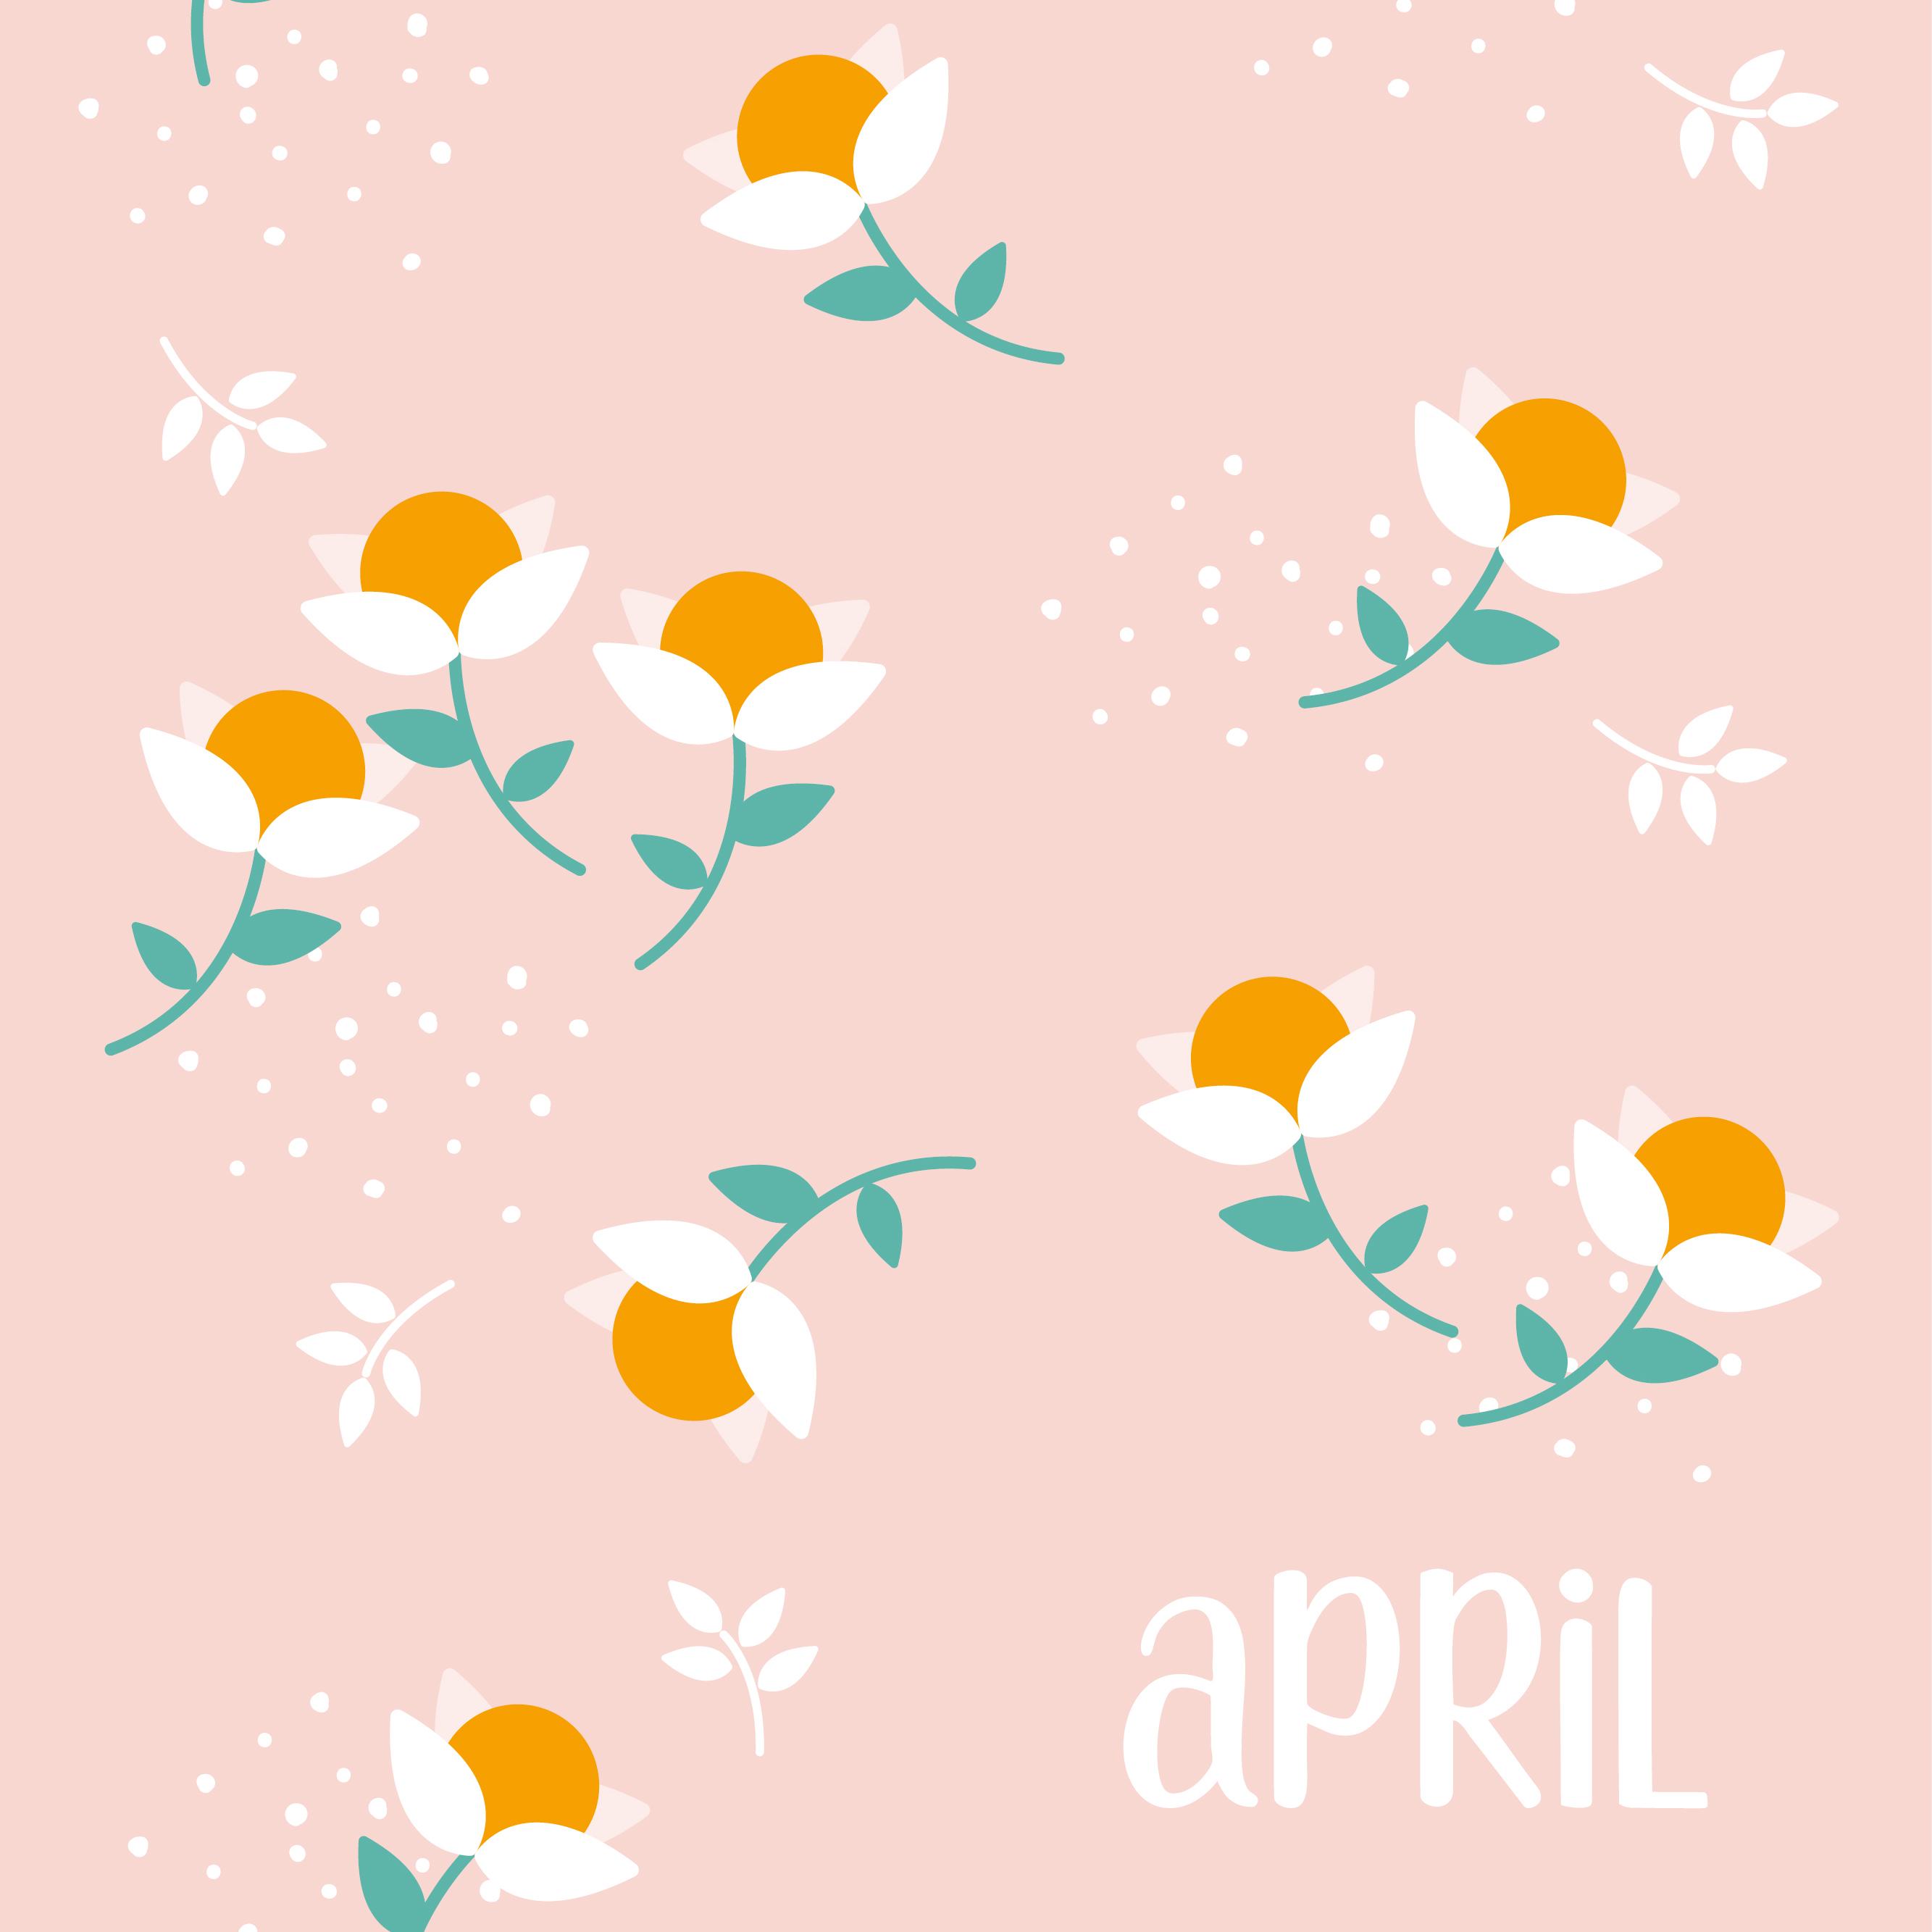 sfondo gratuito le petit rabbit aprile